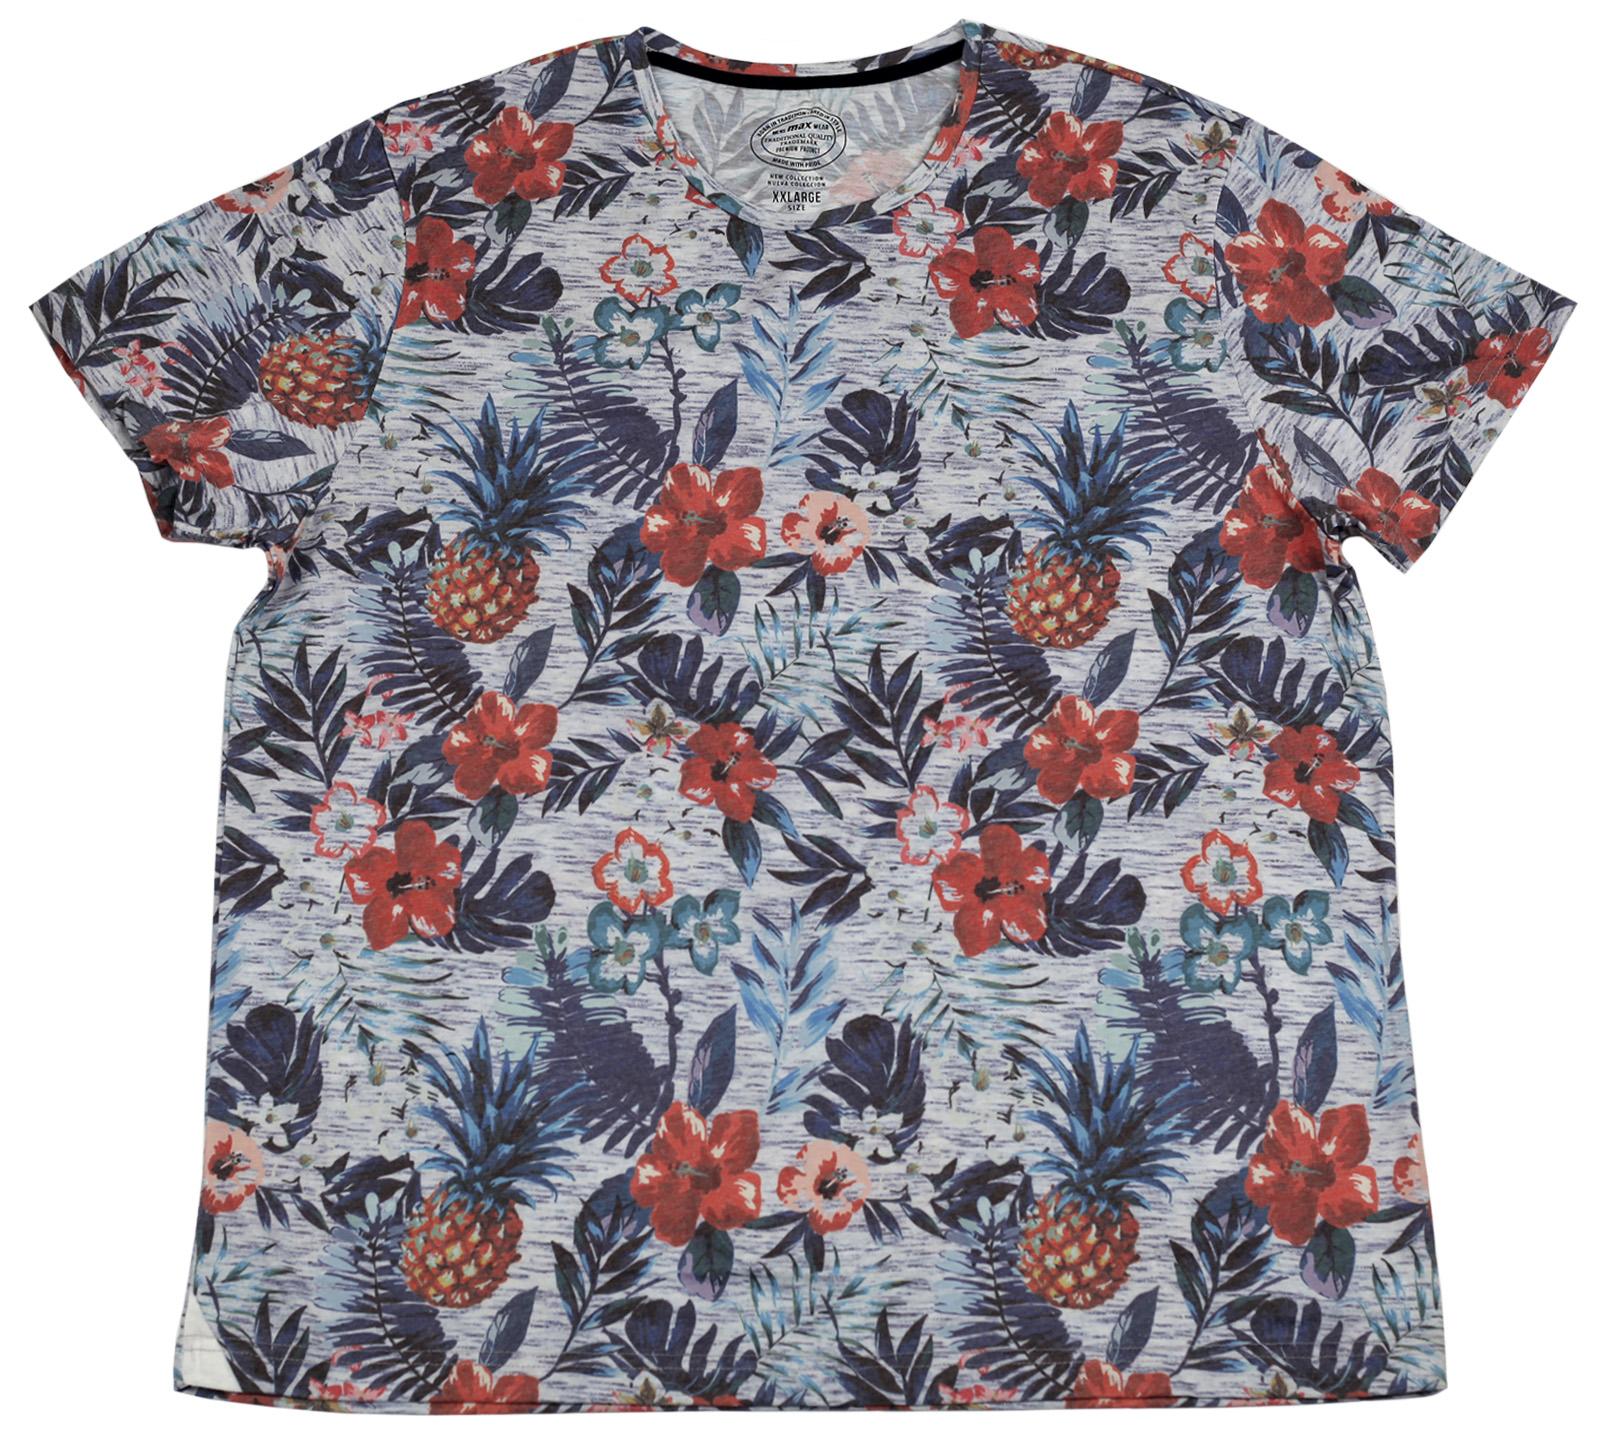 Курортная футболка Max с ярким рисунком